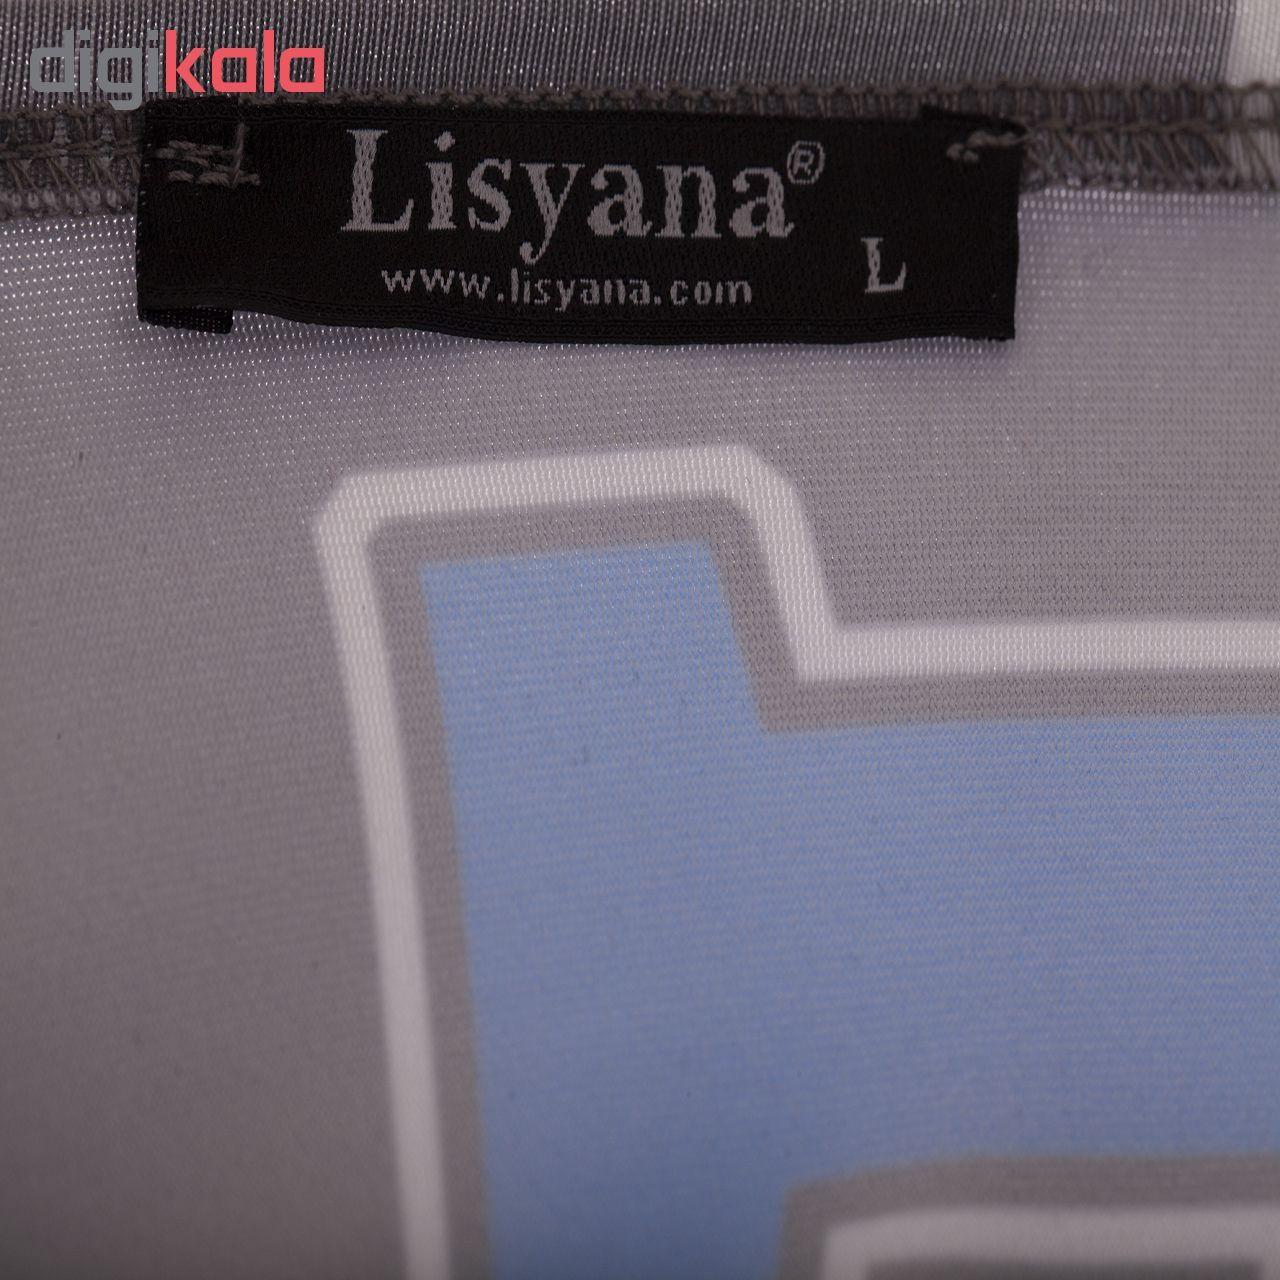 نیم تنه ورزشی زنانه لیسیانا کد 884 main 1 4